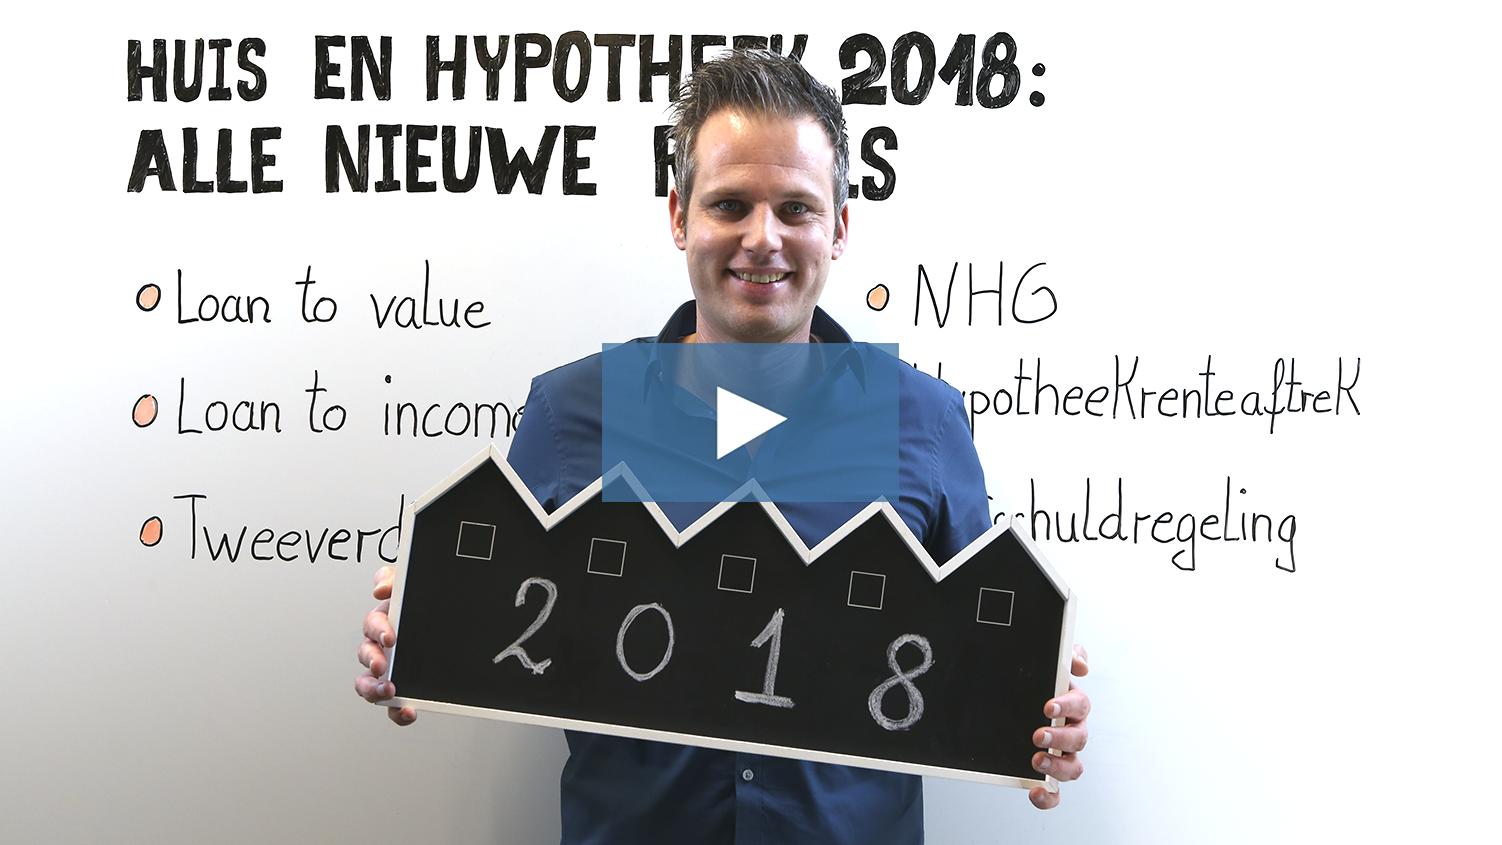 Huis en hypotheek 2018: alle nieuwe regels   University video